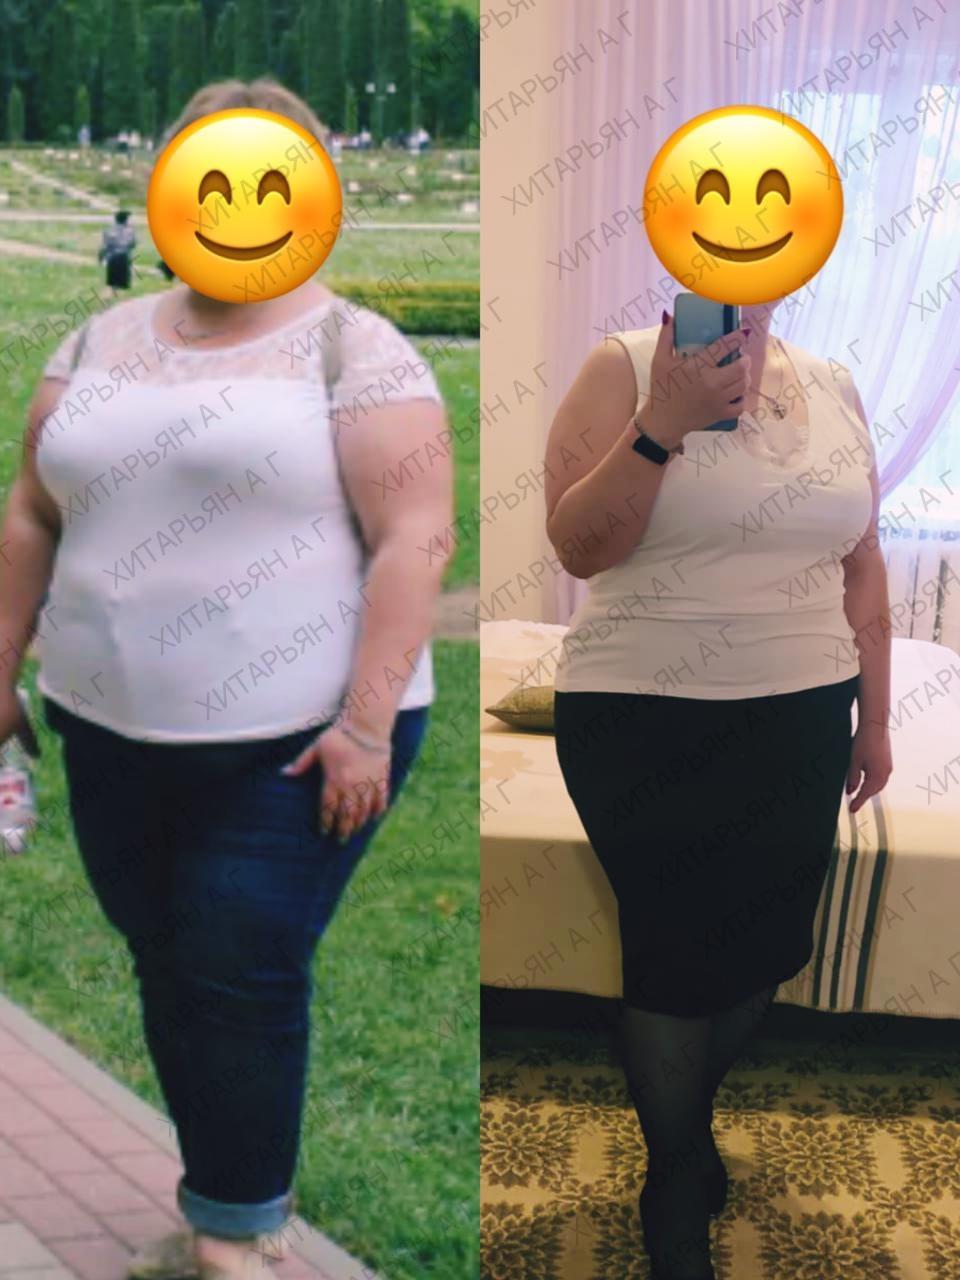 👨⚕️Современный метод для людей страдающих ожирением избавиться от этой проблемы - уменьшение желудка хирургическим путём.